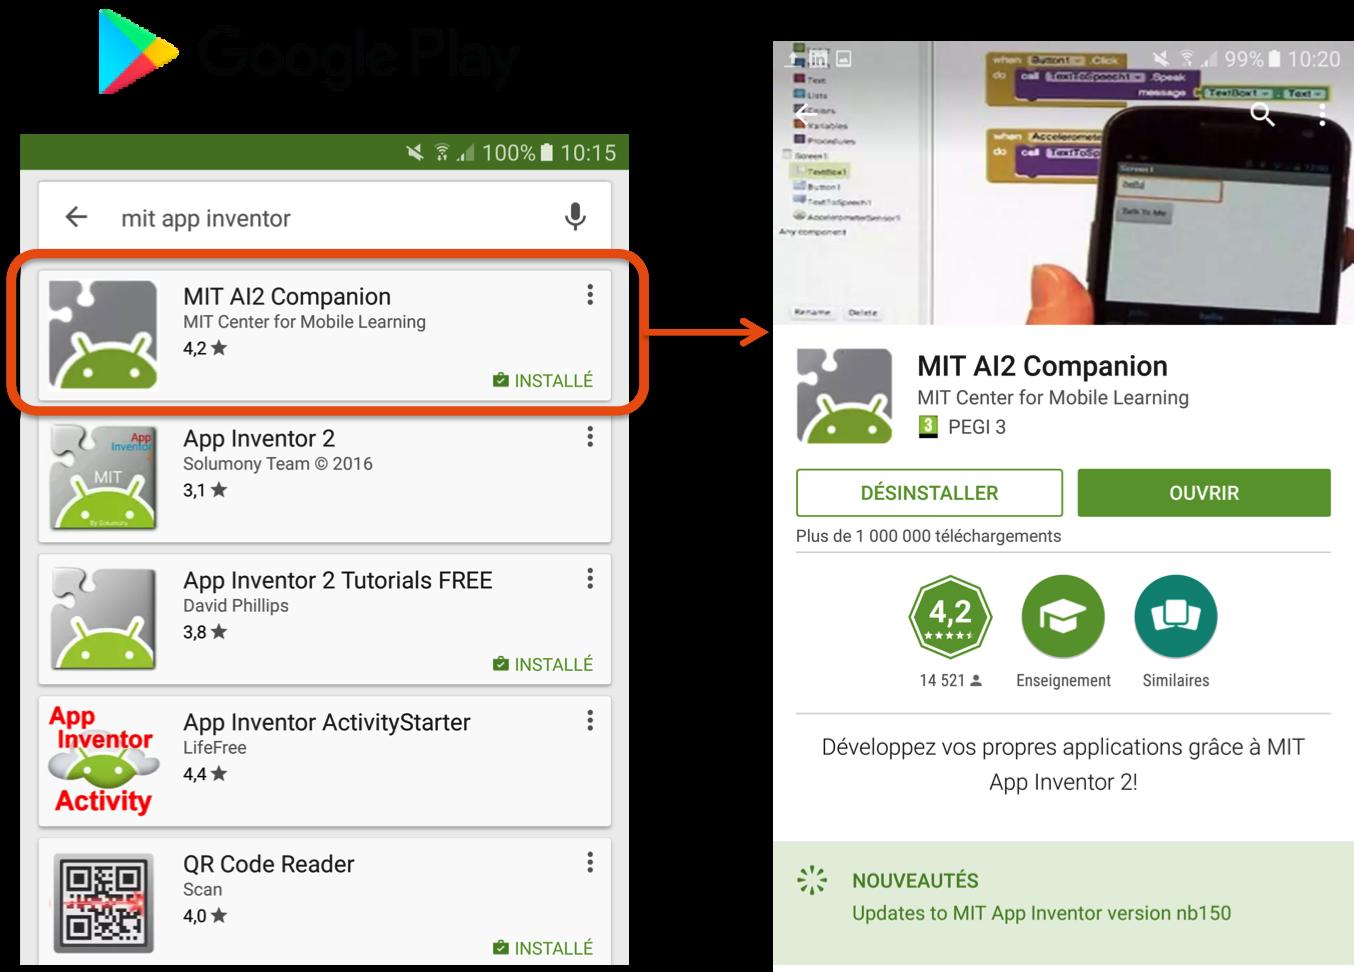 MIT AI2 Companion